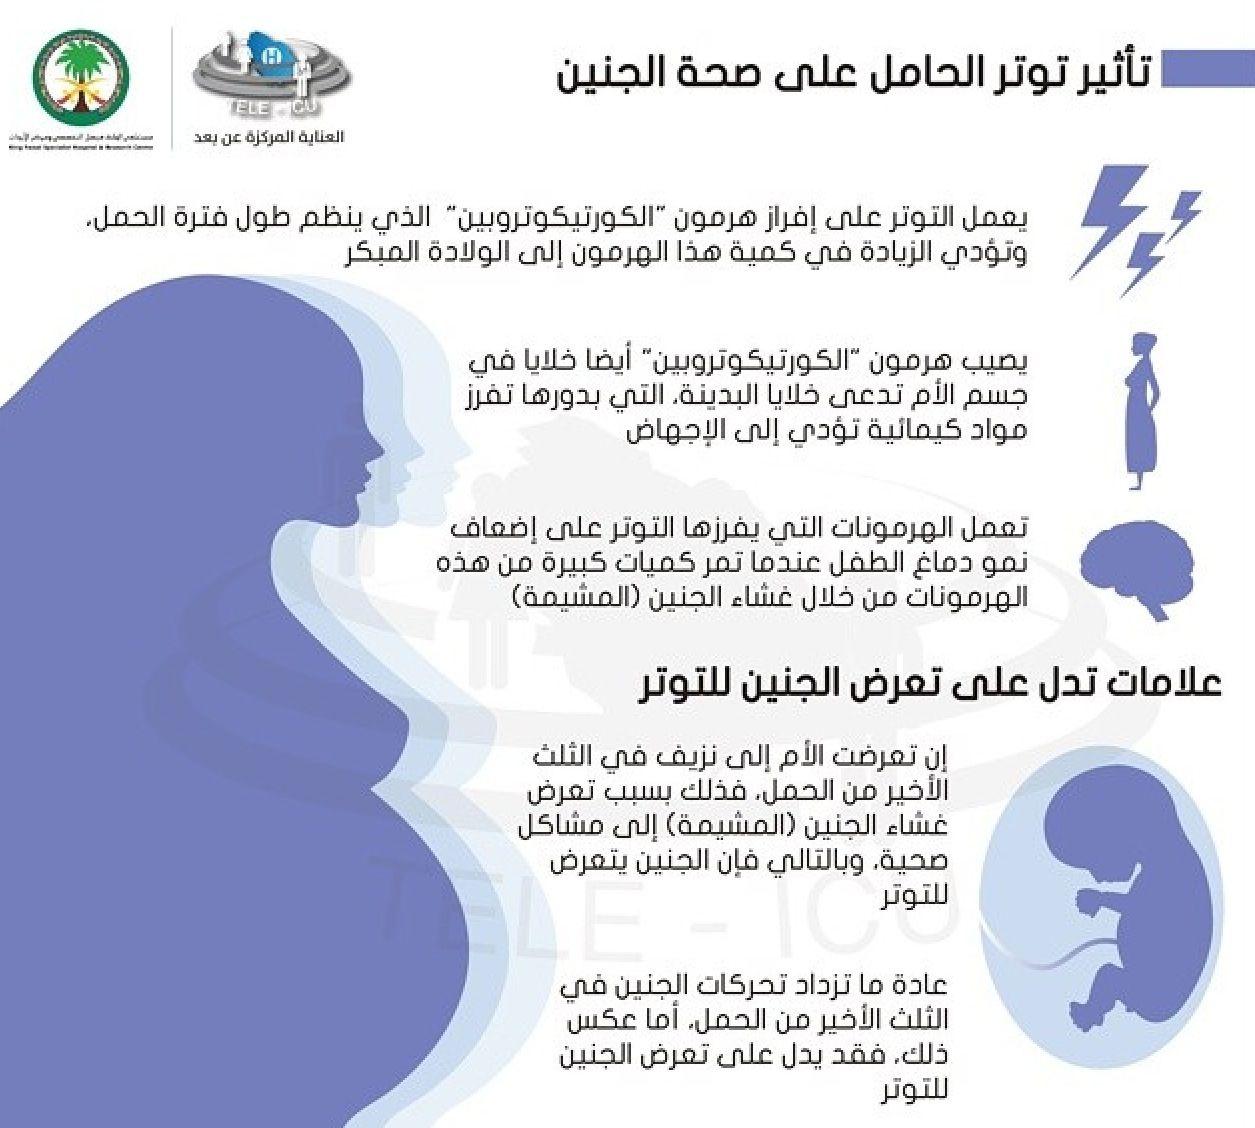 تأثير توتر الحامل على صحة الجنين Job Oio Ill